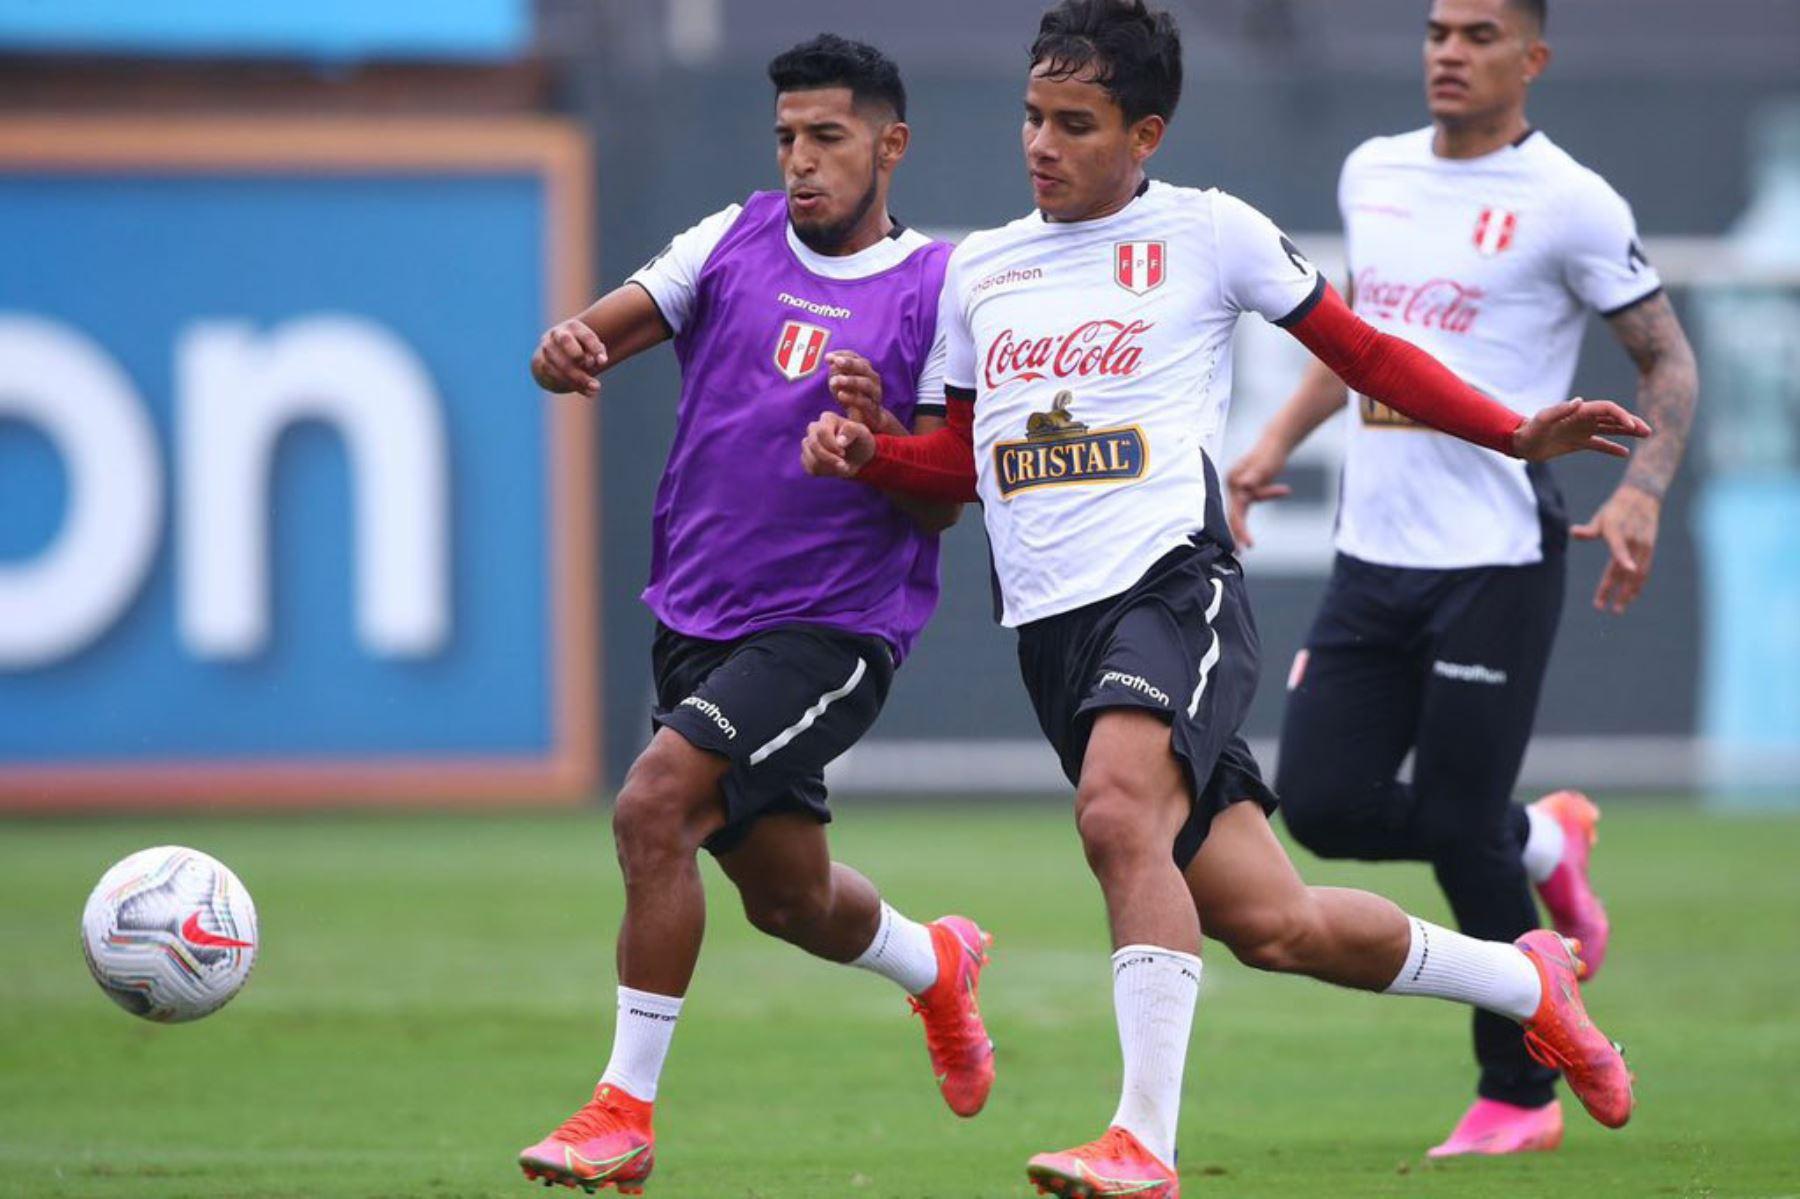 Entrenamiento de la Selección Peruana  junto a 26 futbolistas con miras a su debut en la Copa América 2021. Foto: @Selección Peruana